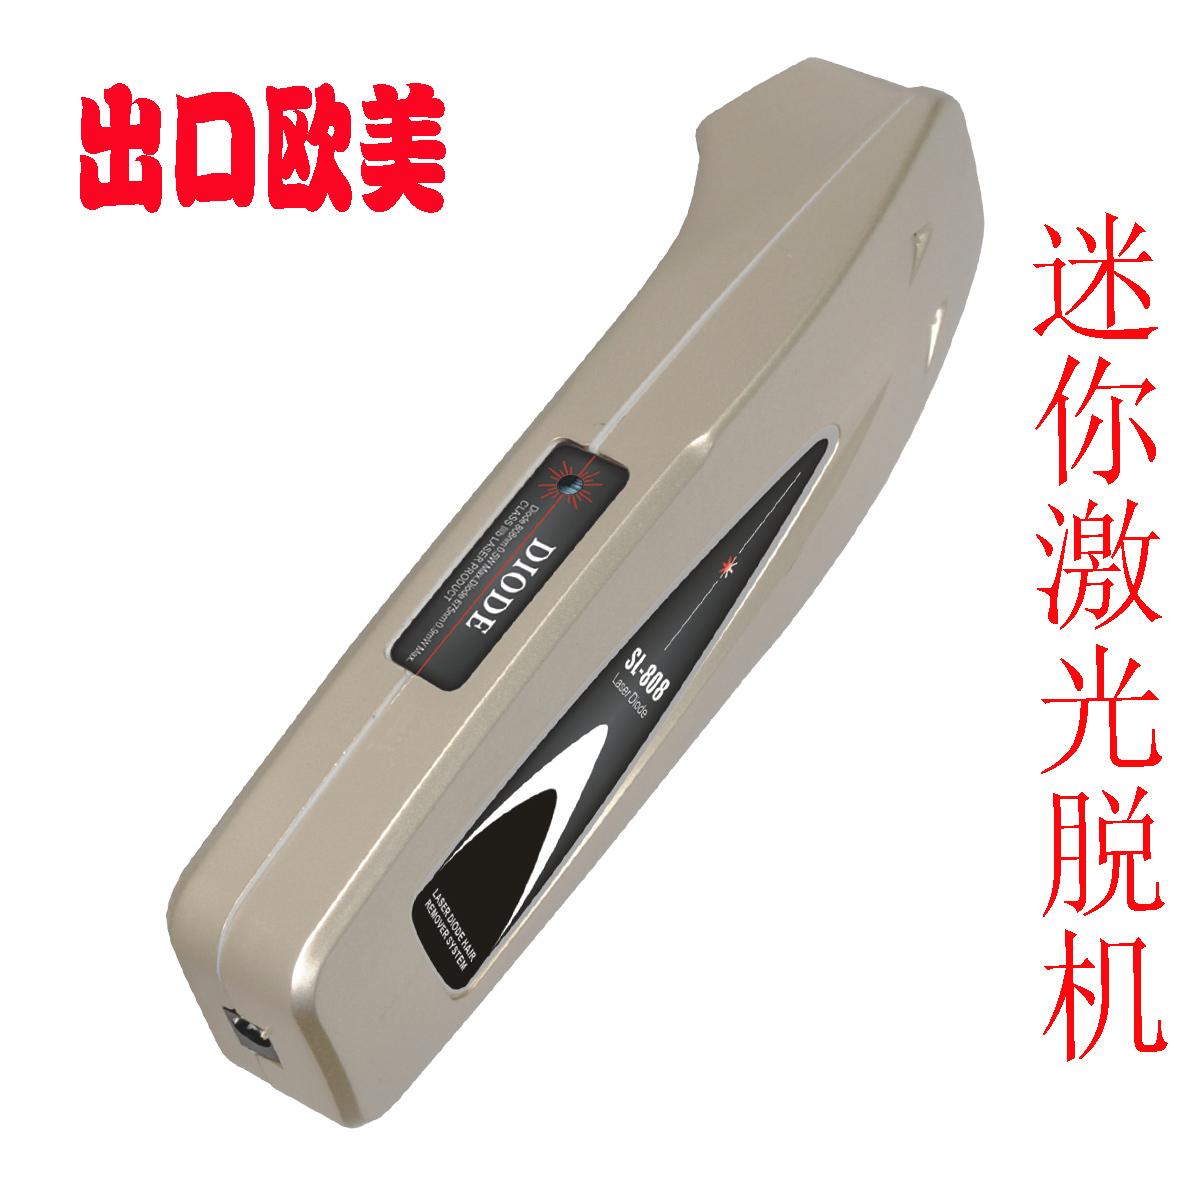 Красота инструмент подлинной дома лазерная эпиляция эпилятор удаления волос волос удаление аппарат